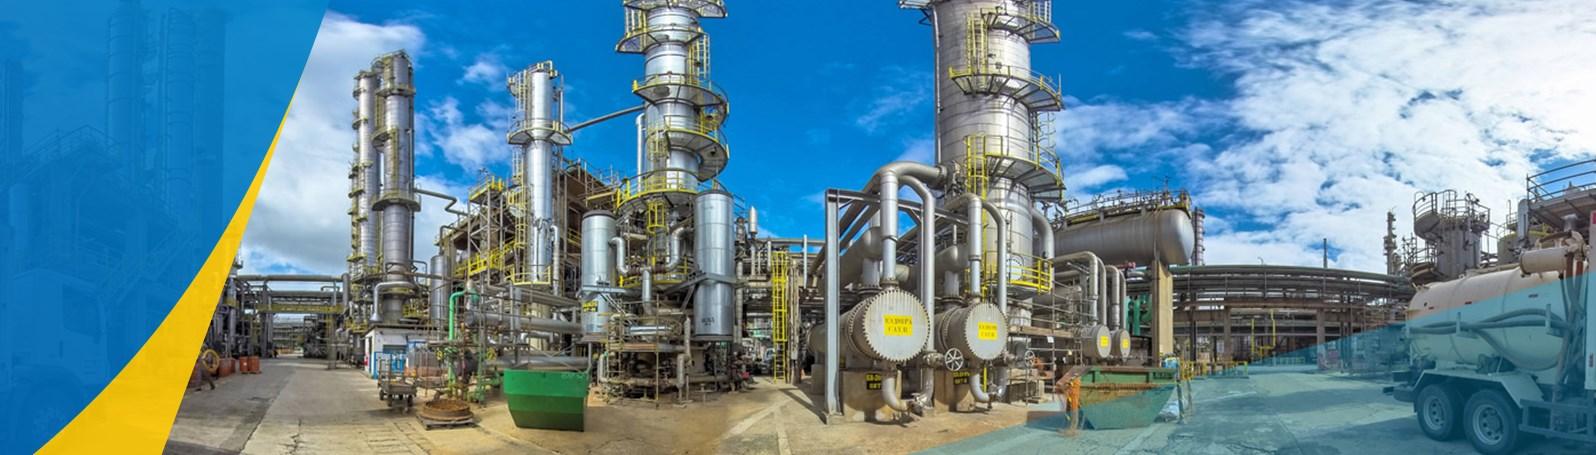 Conheça uma de nossas unidades industriais no ABC!